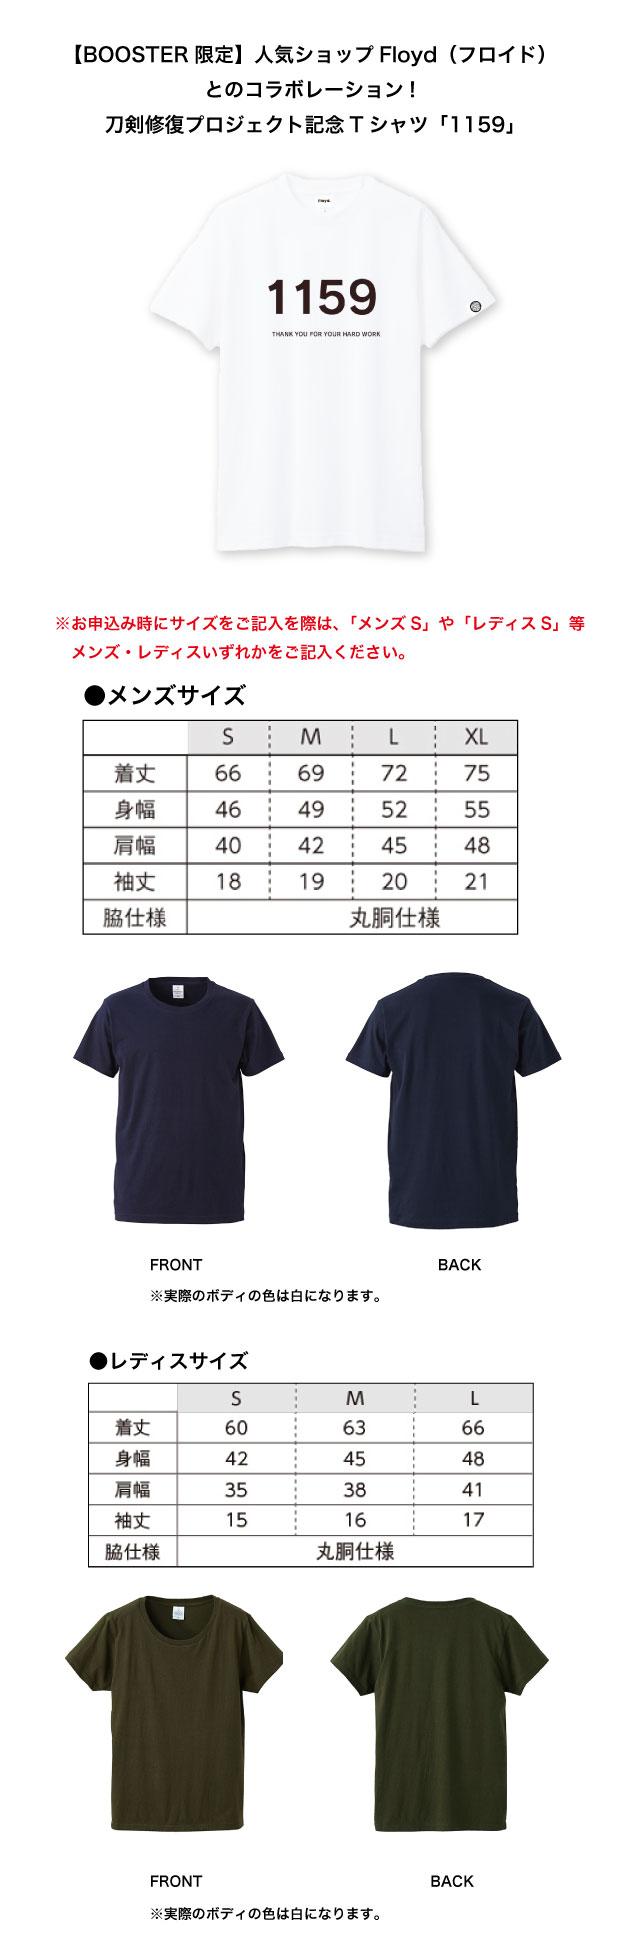 /data/project/309/Tシャツサイズ.jpg?1516953704